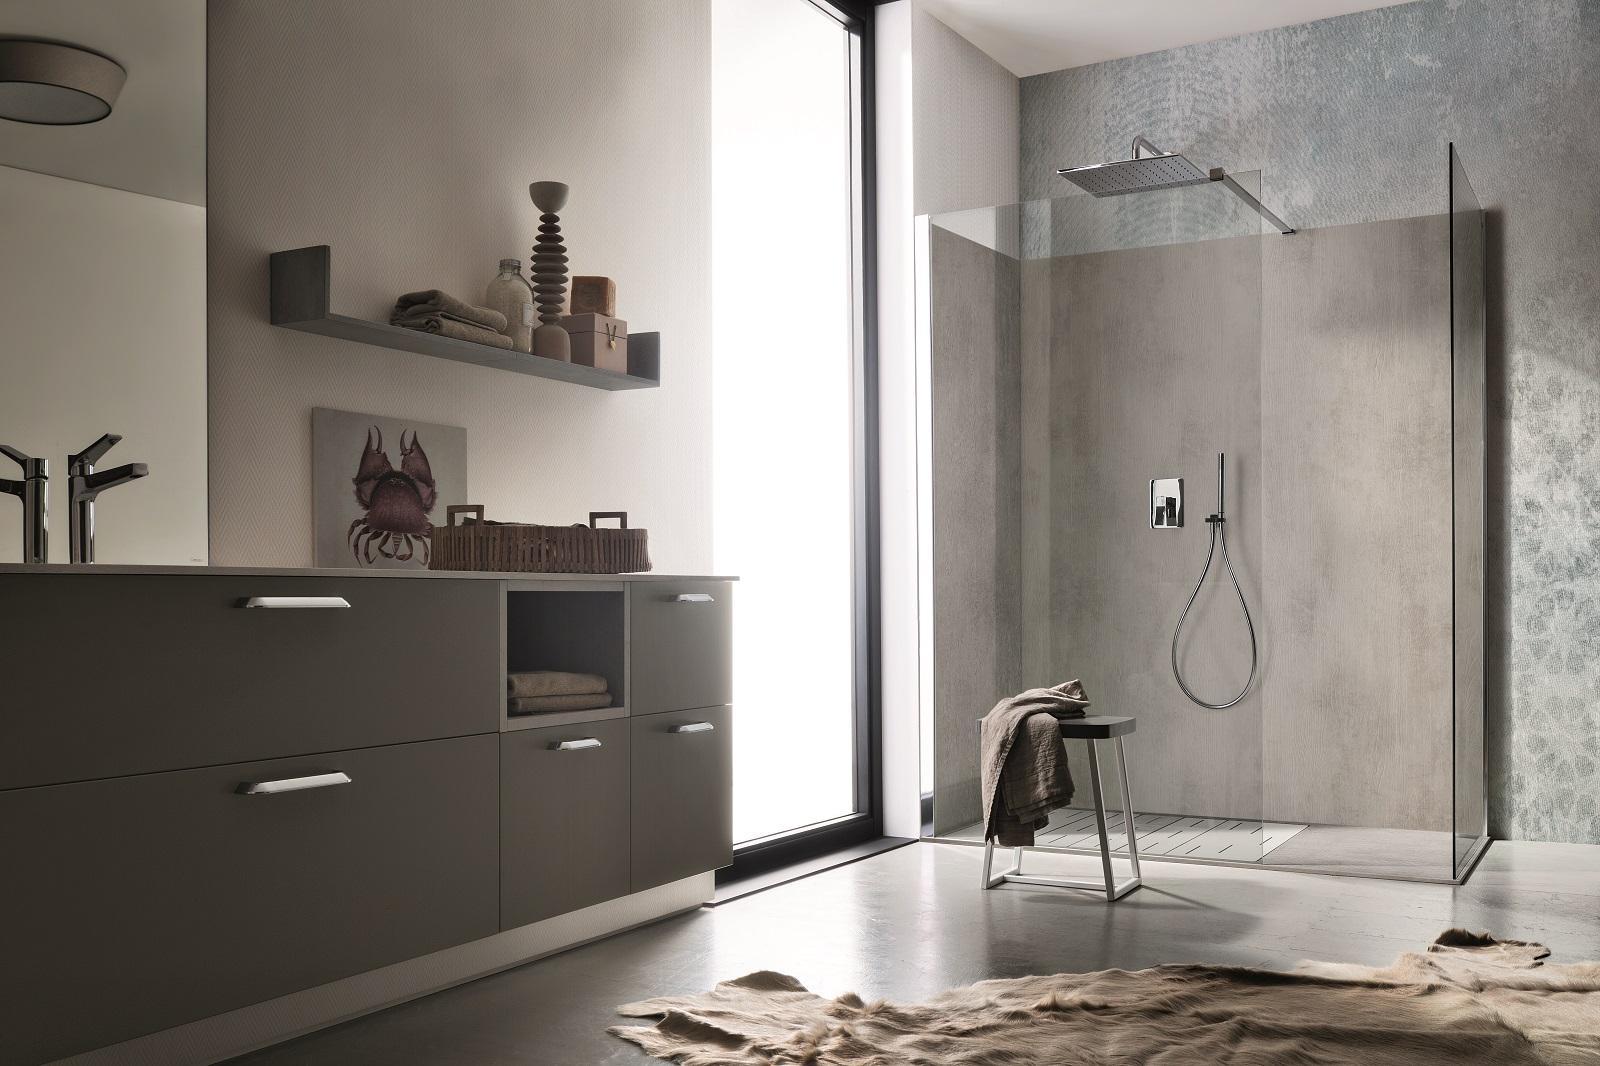 Cabine doccia walk in completamente personalizzabili